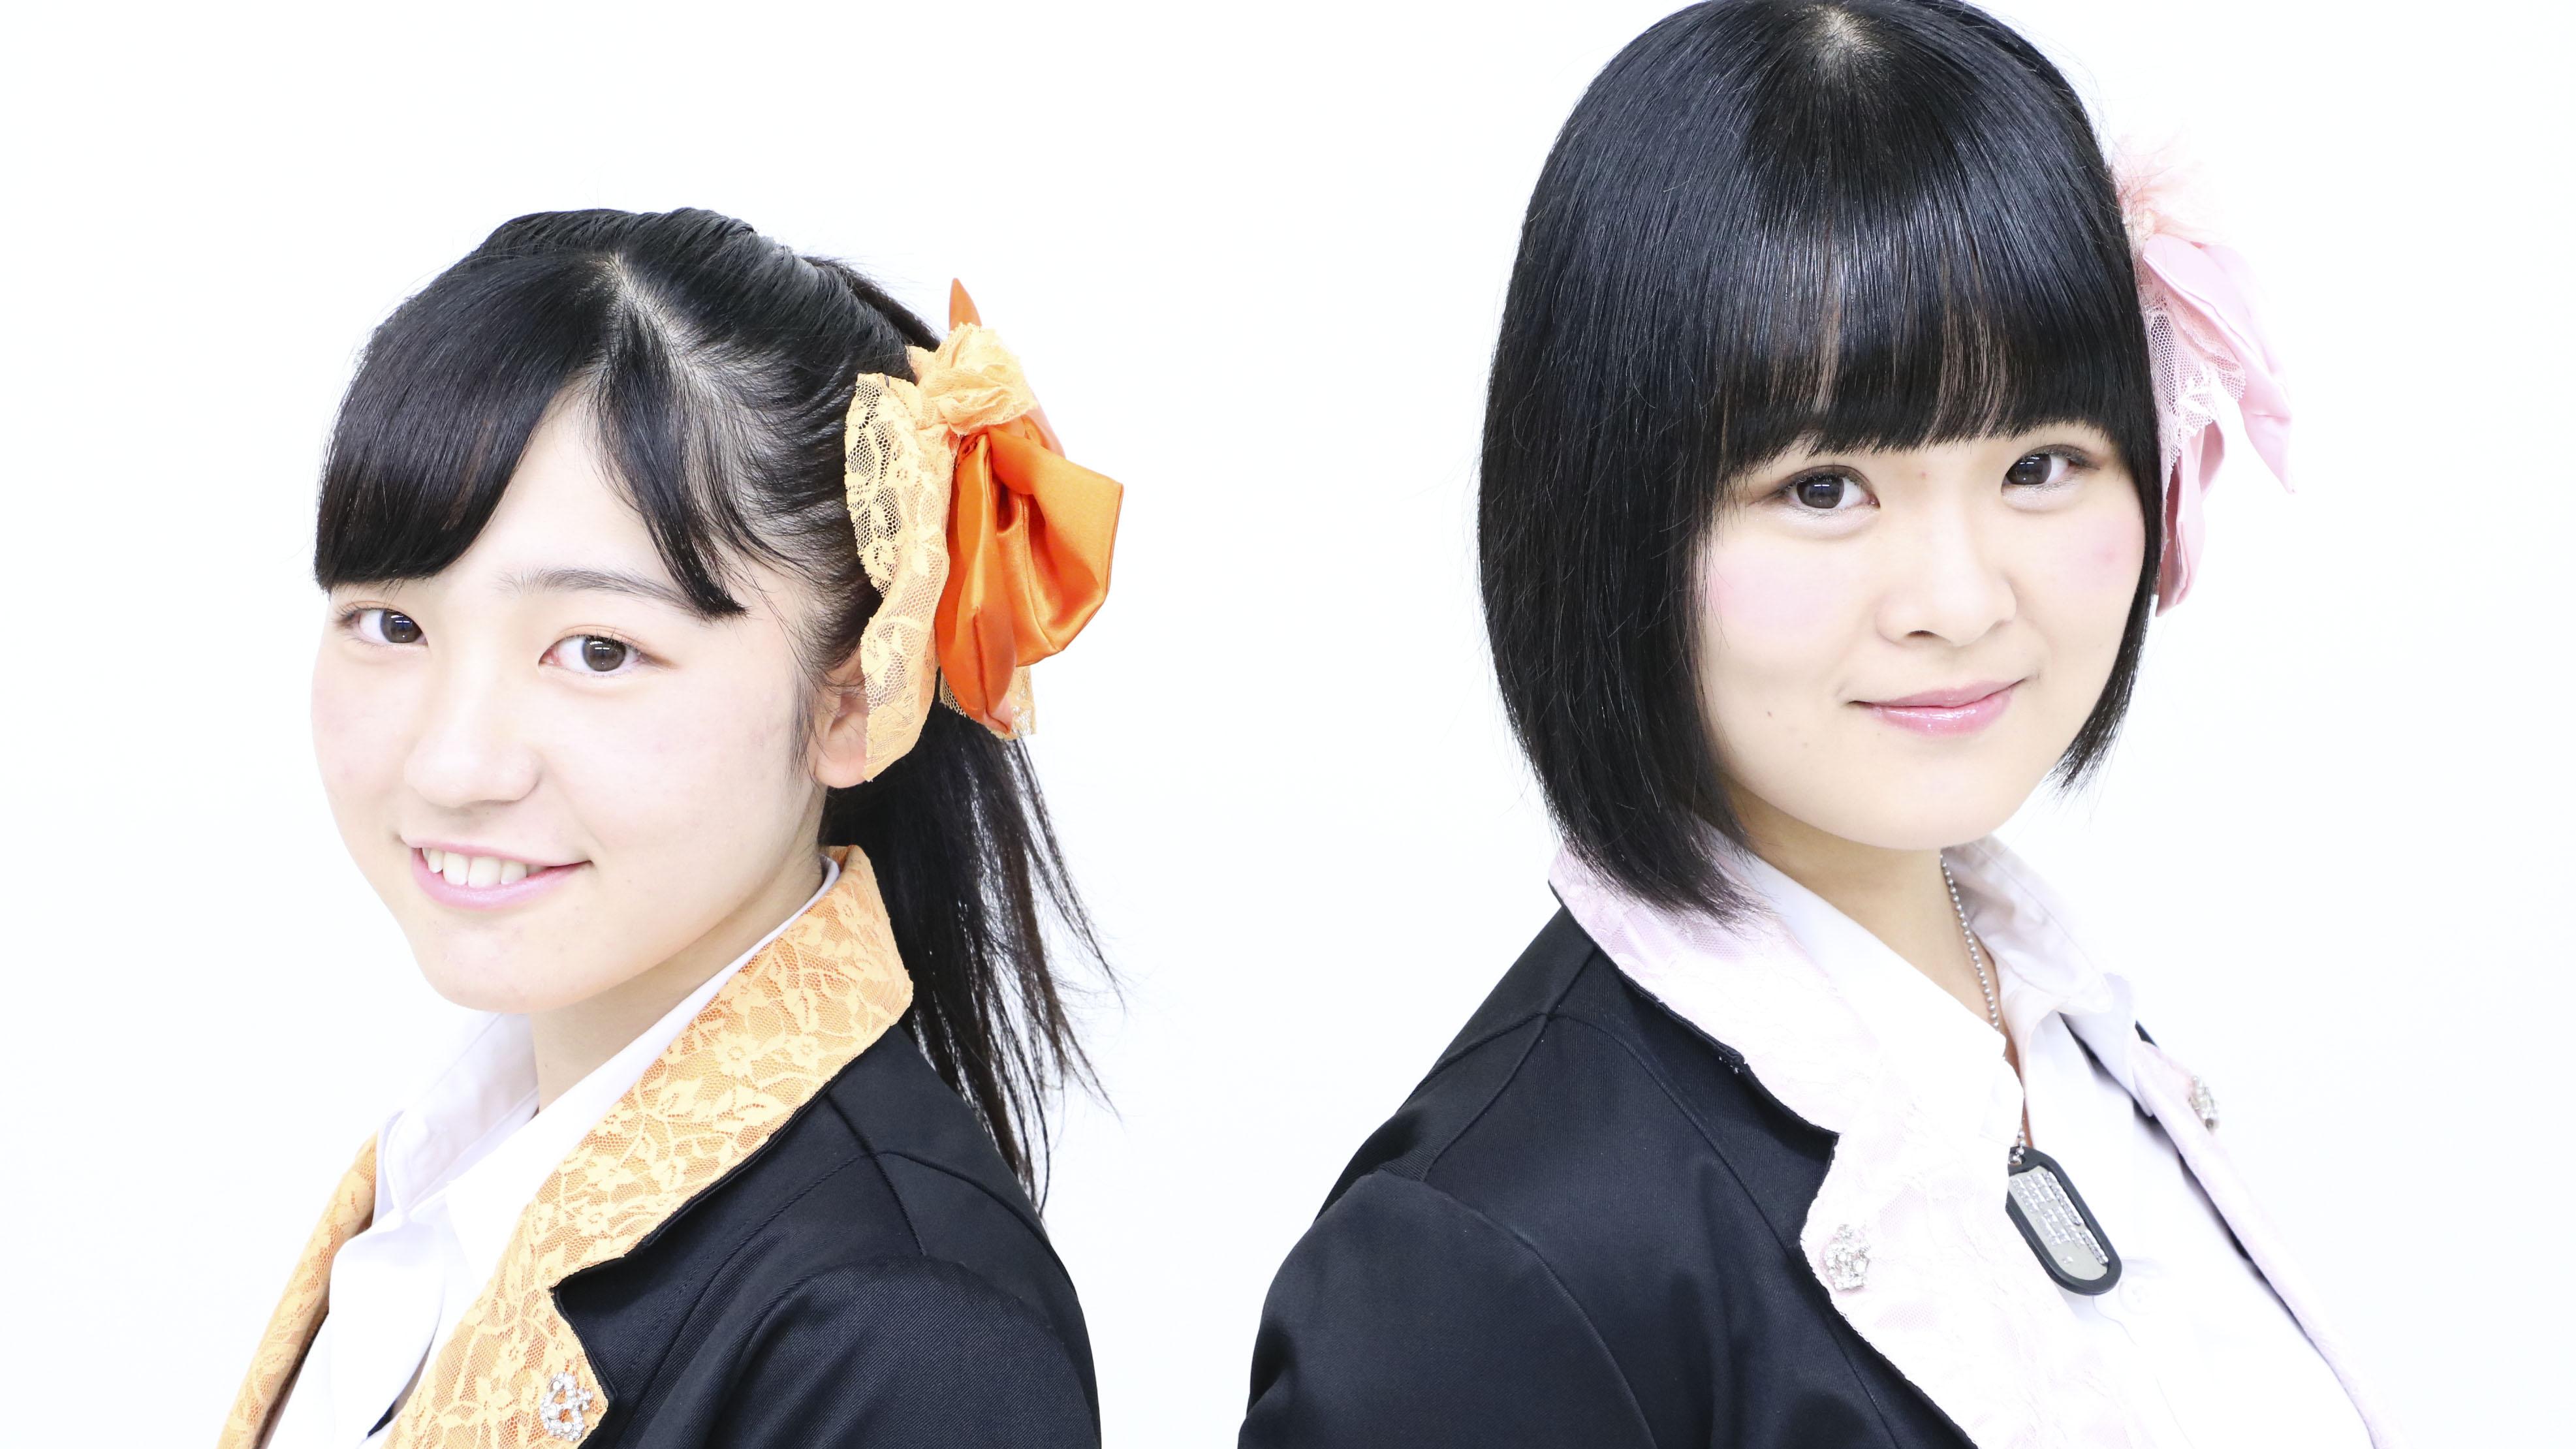 【緊急募集!!】アイドルユニット『Flagship Stars』新メンバーオーディション!!